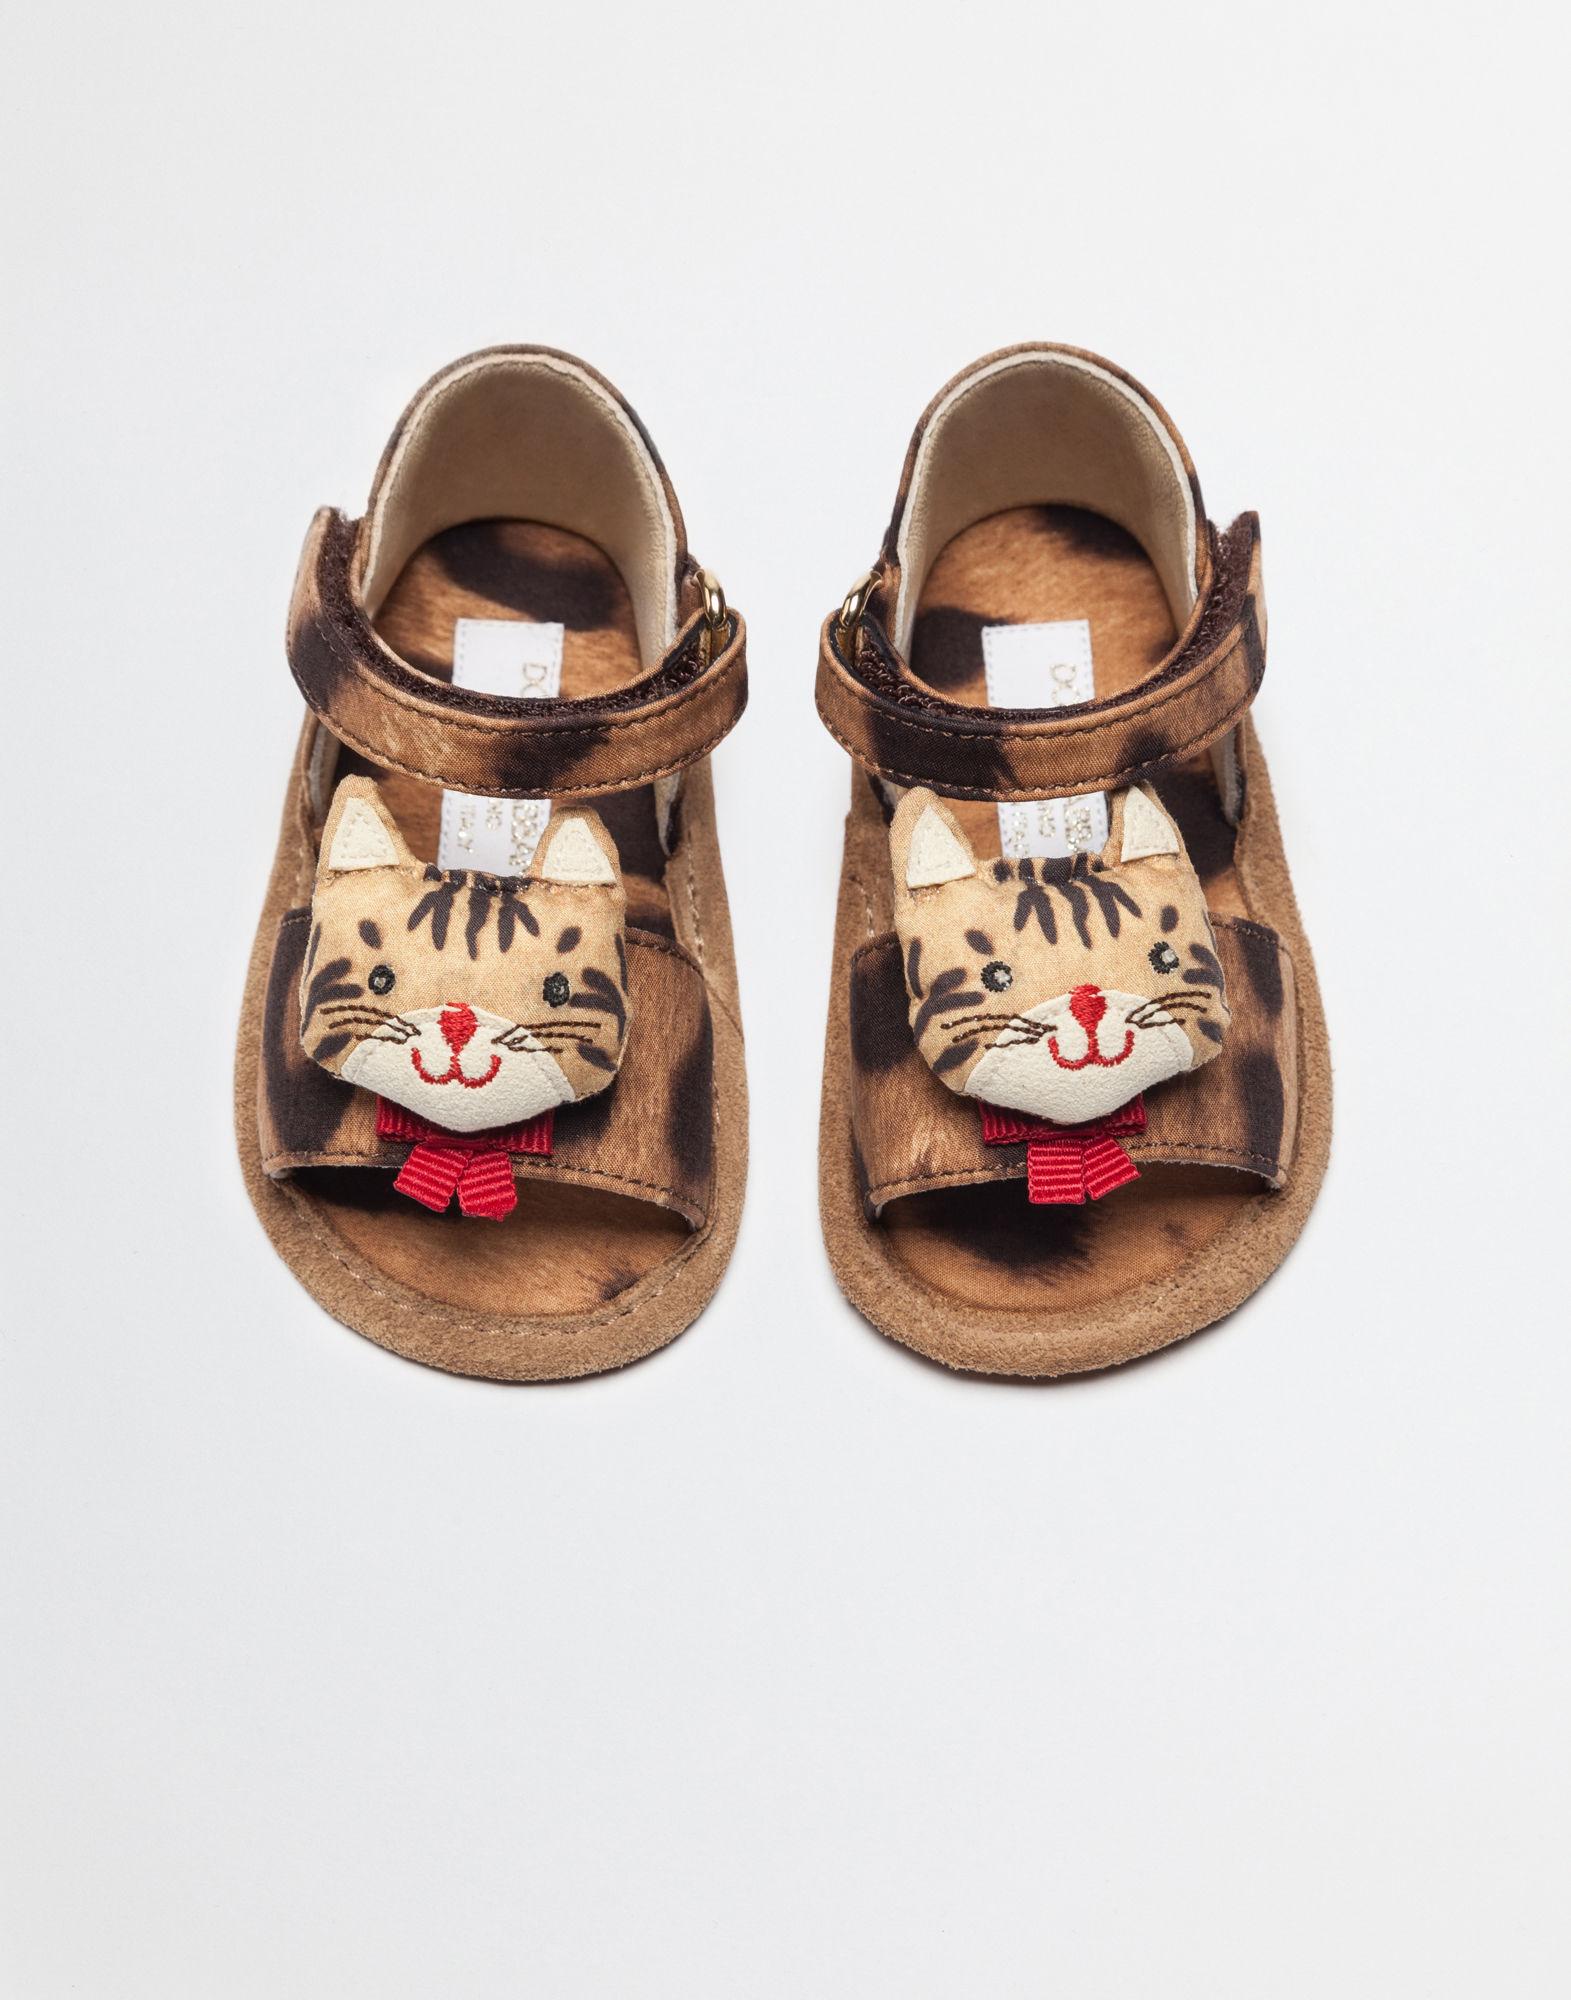 scarpe dolce e gabbana bambini (2)